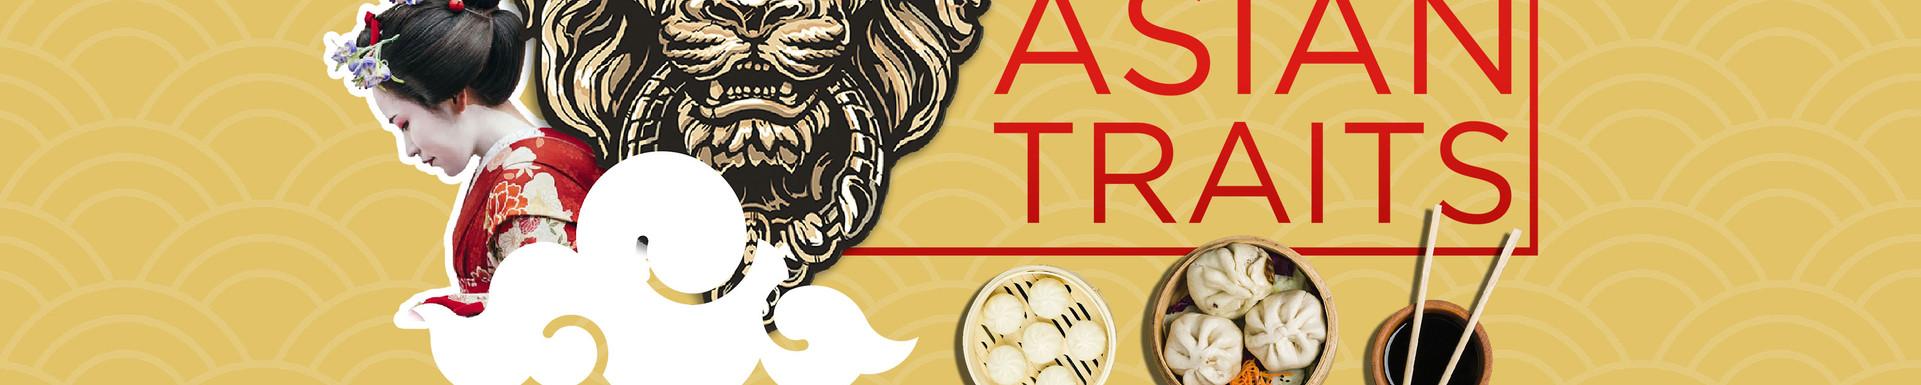 Embassy X Subtle Asian Traits FEB 29